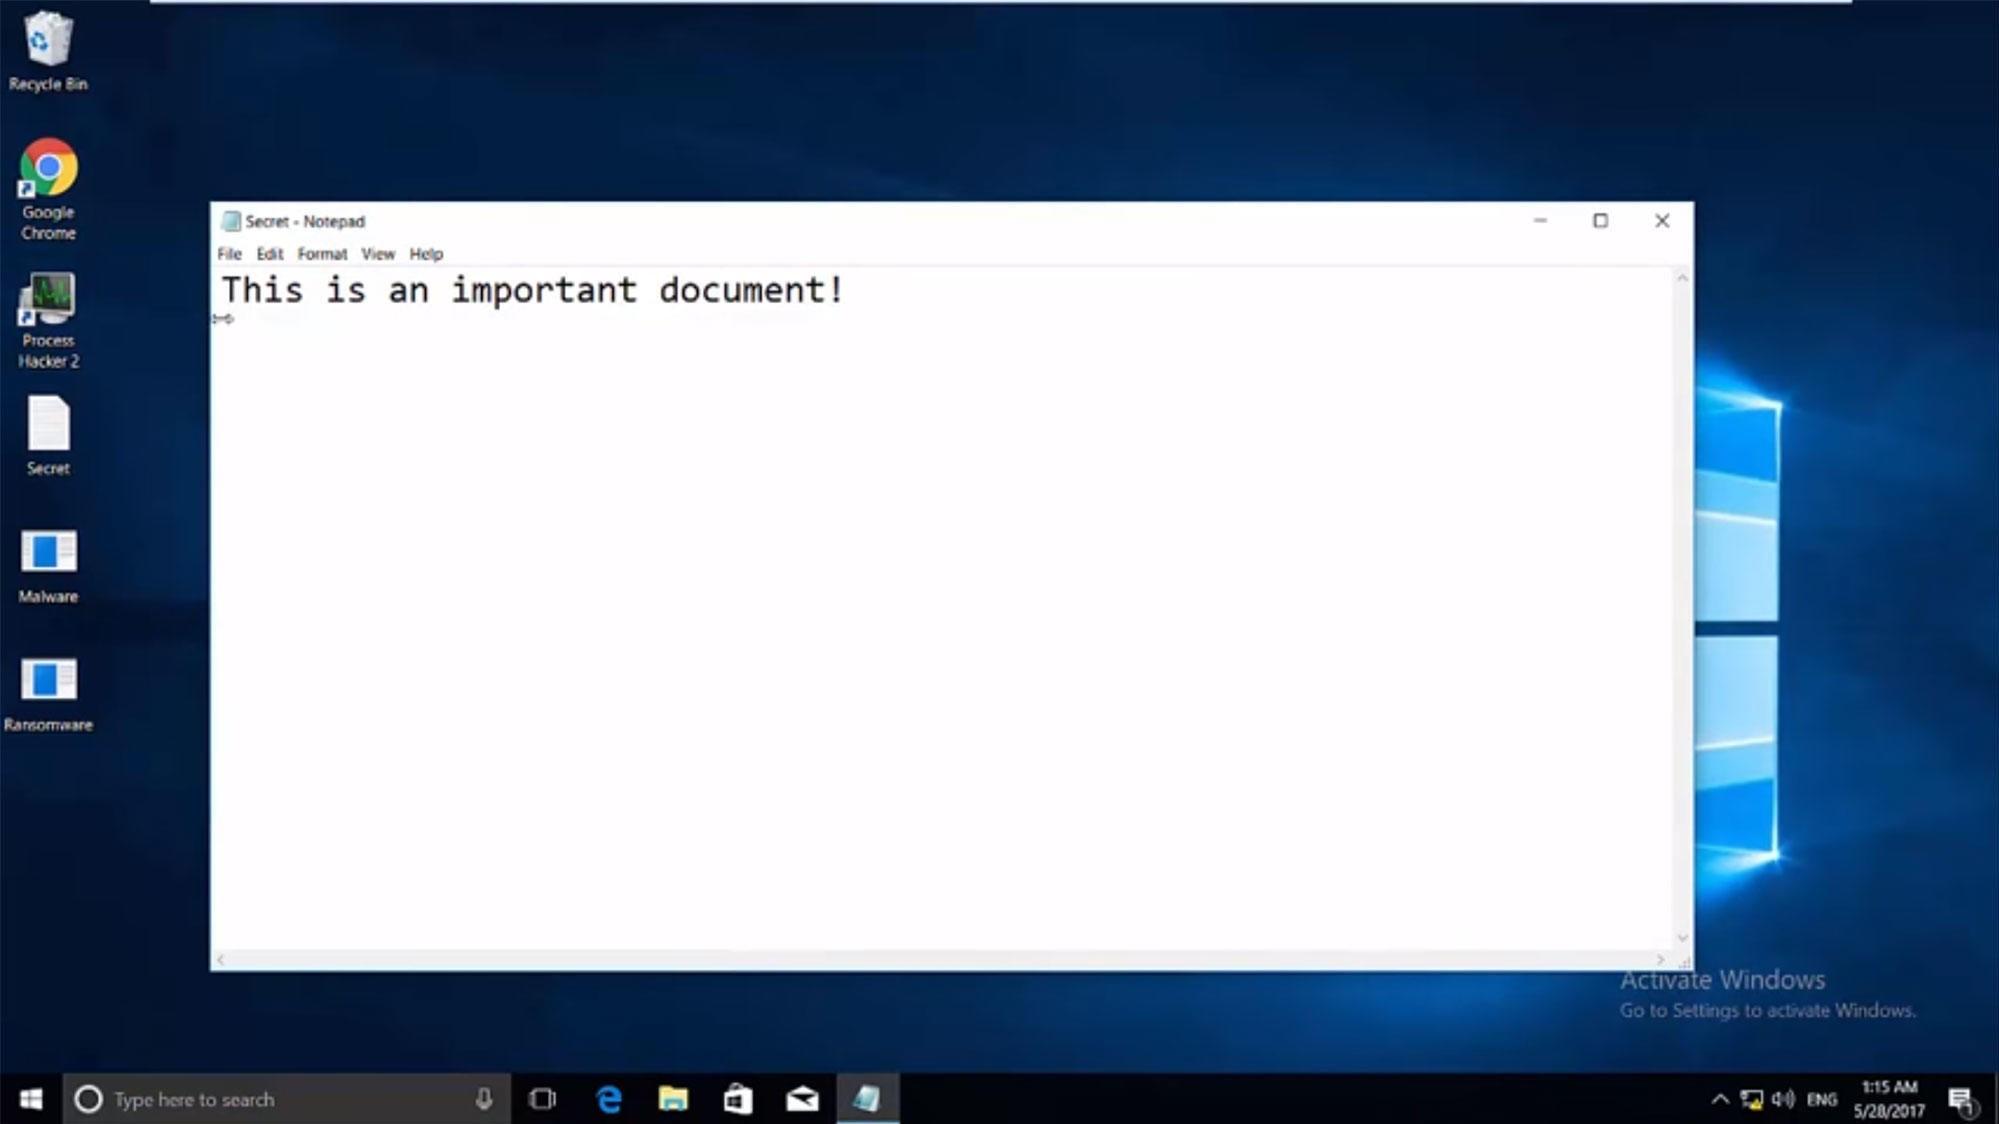 En ny funksjon i Windows gjør at du kan kjøre både Linux- og Windows-programmer samtidig. Det har ikke sikkerhetsproduktene tatt høyde for, og skaper et enormt sikkerhetshull.